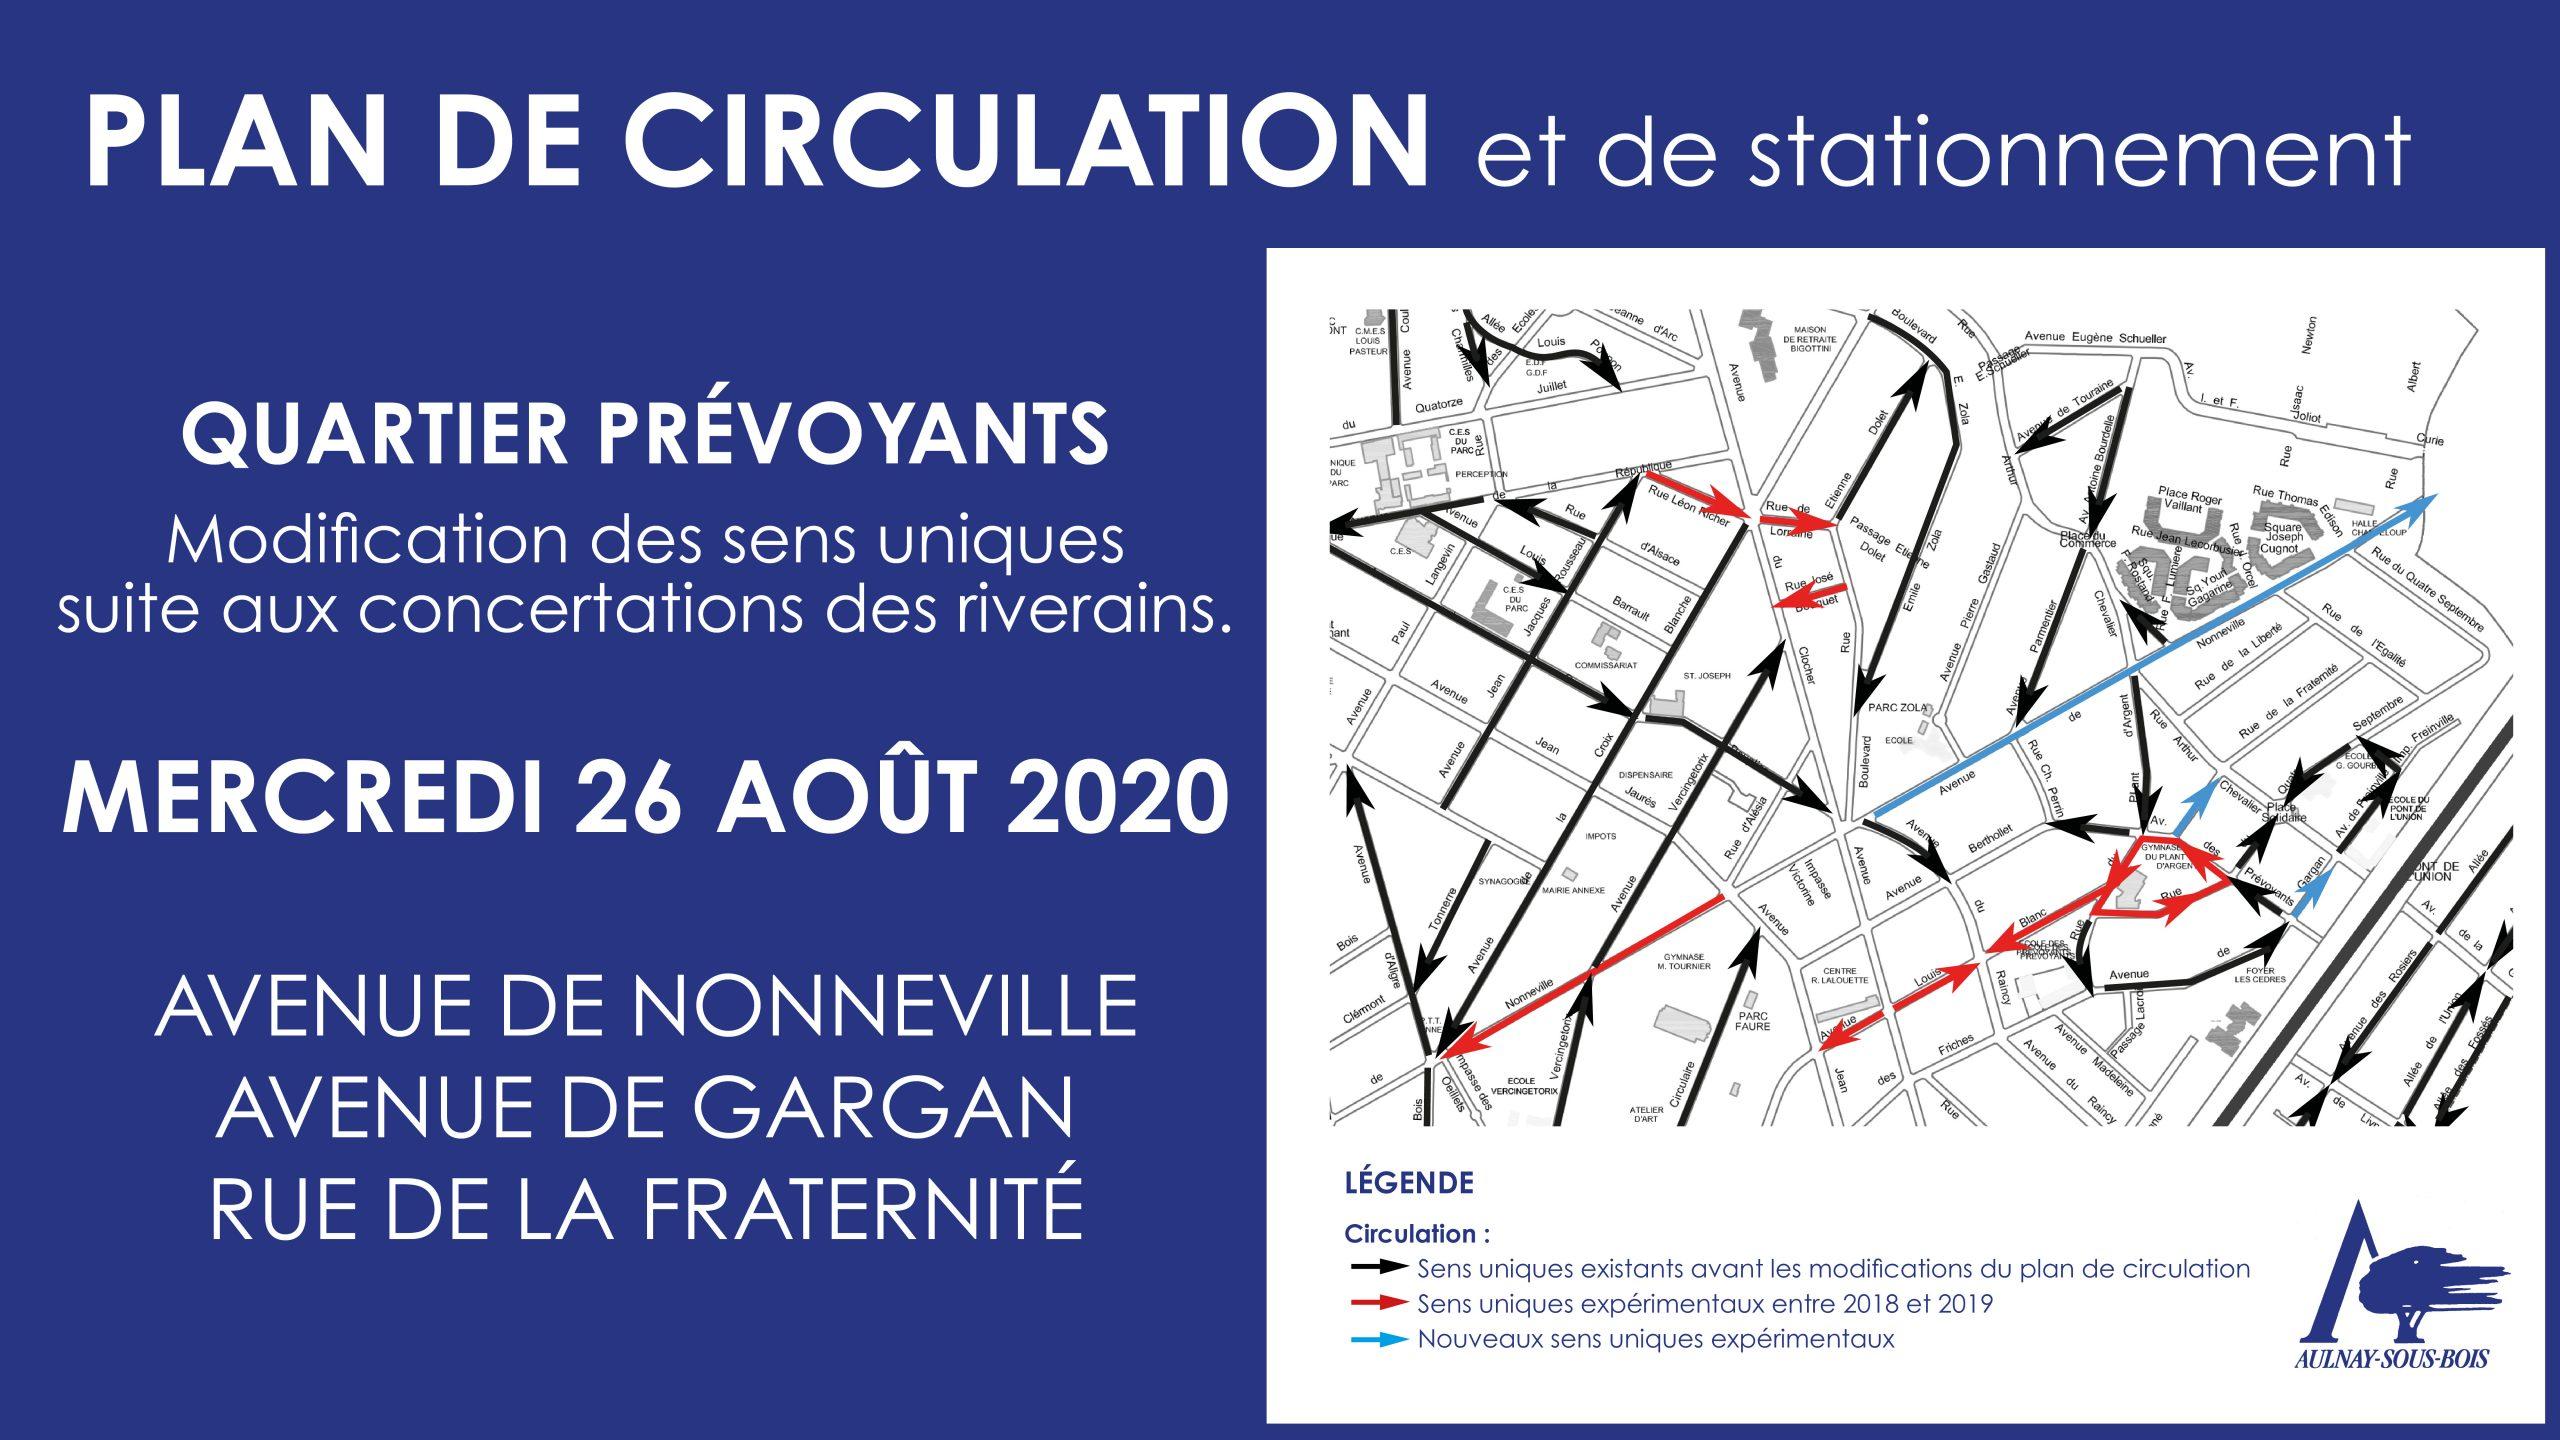 Plan de circulation et de stationnement du 26 août 2020